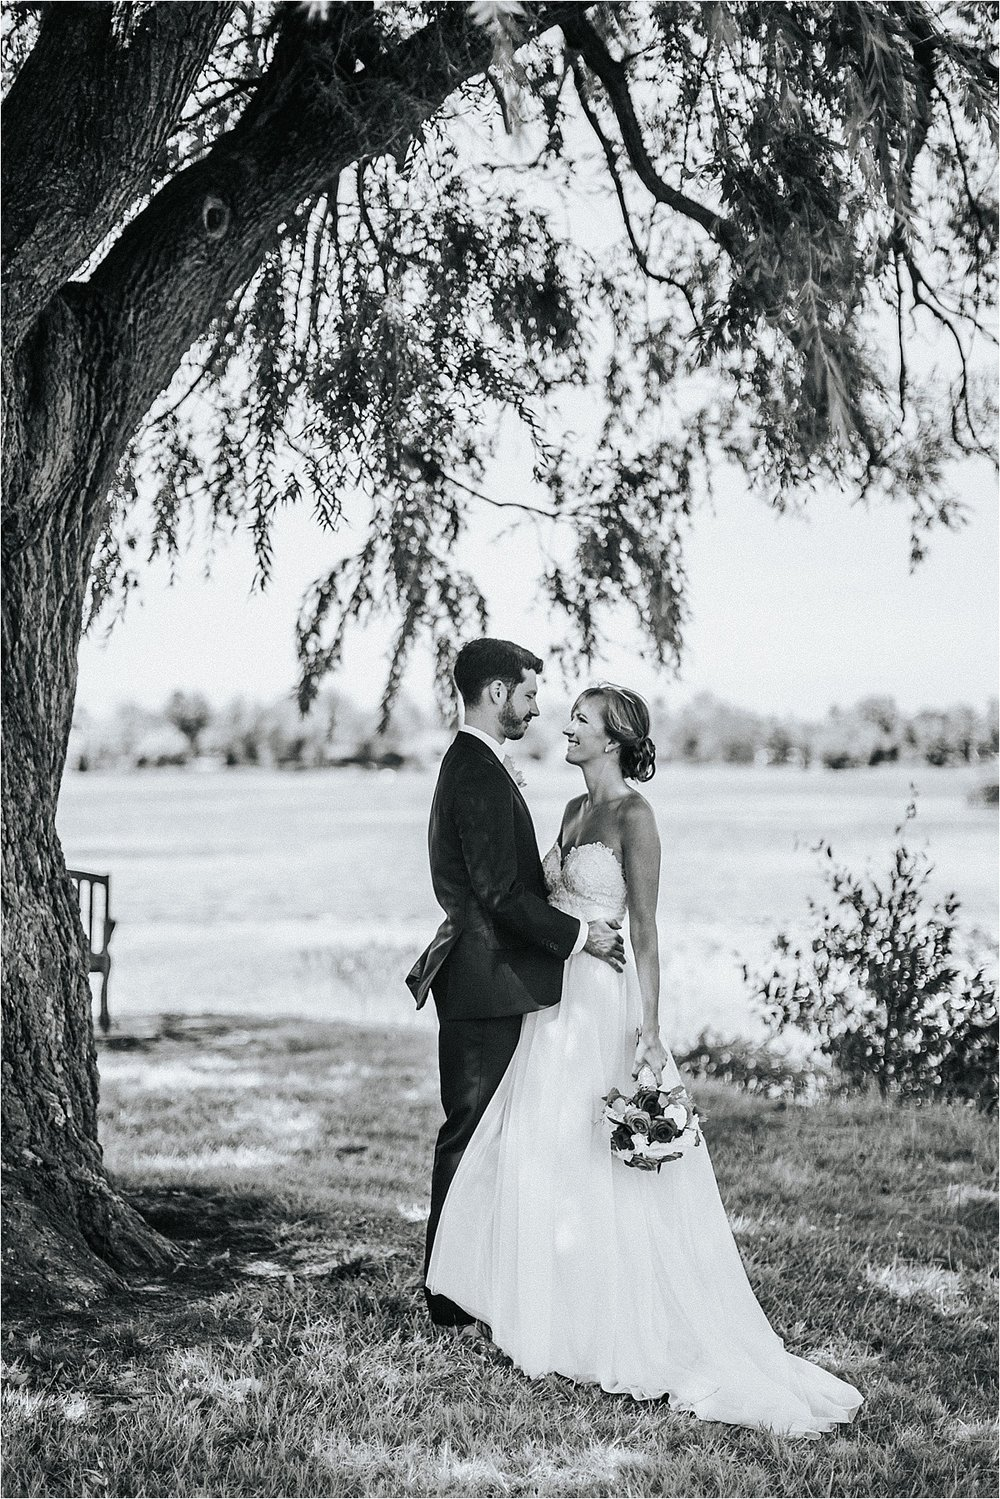 Naomi + Matt Michigan Wedding_0072.jpg